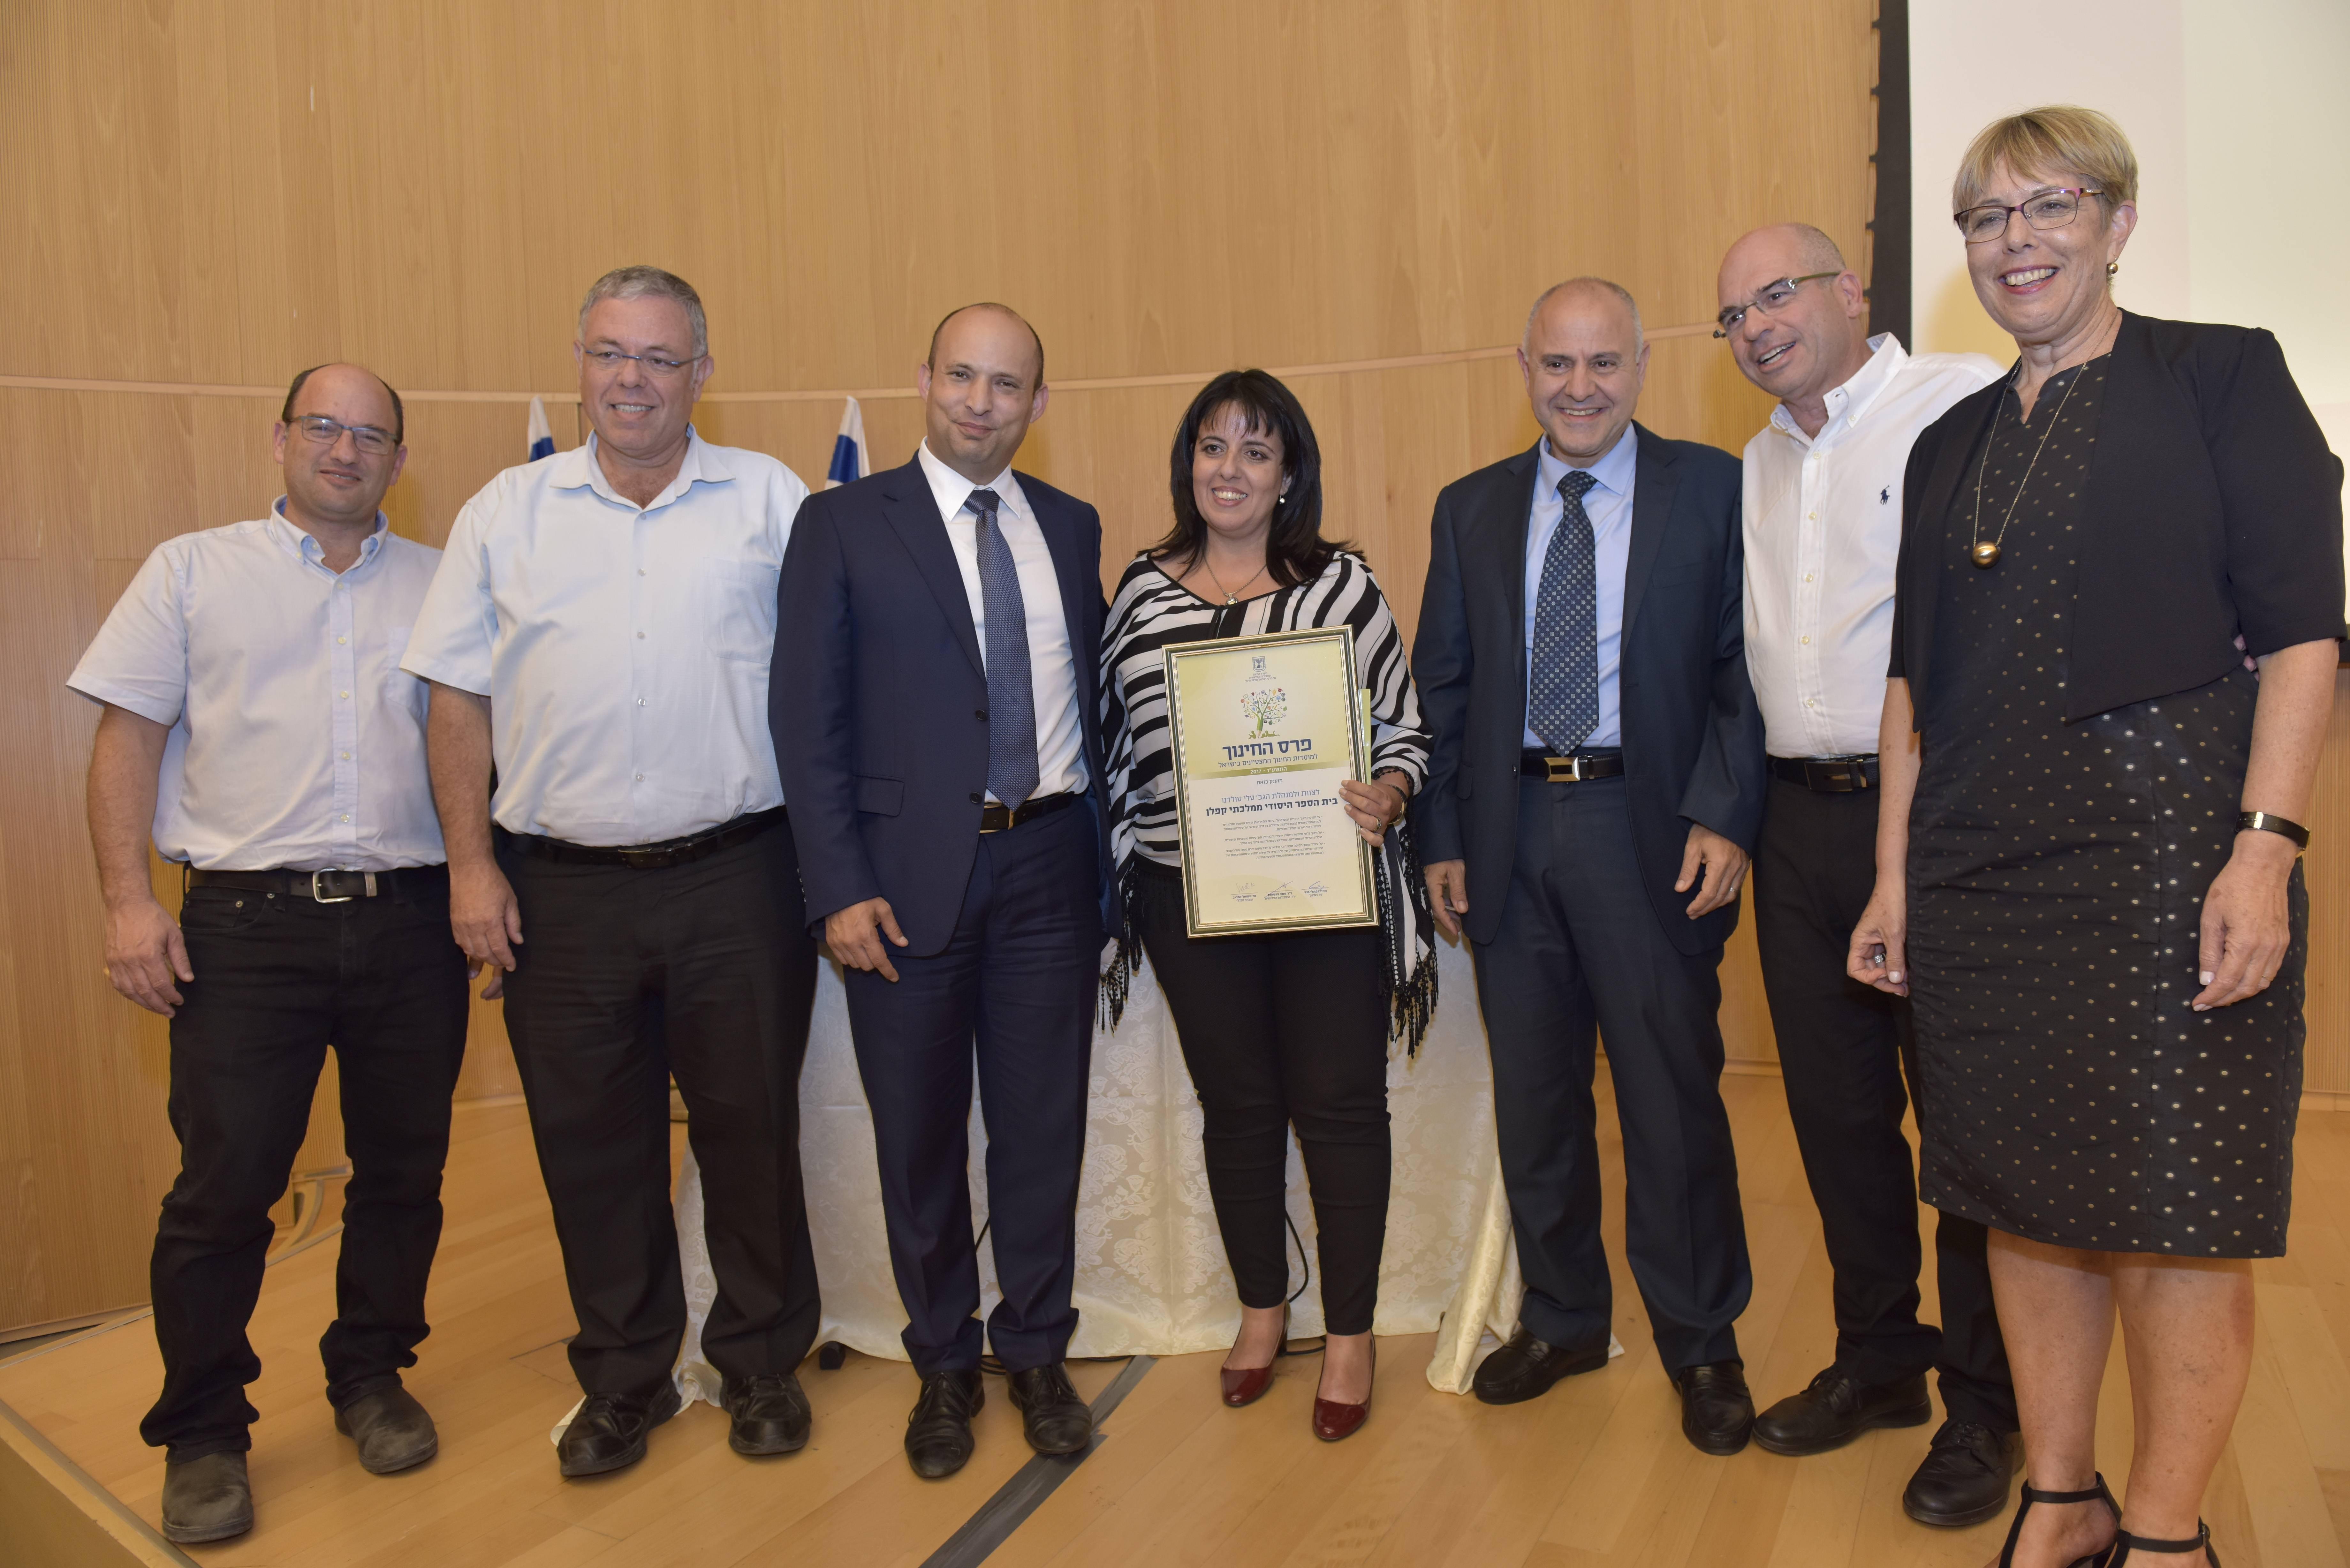 מנהלת בית ספר קפלן, טלי טולדנו, במעמד קבלת פרס החינוך. צילום: דוברות משרד החינוך